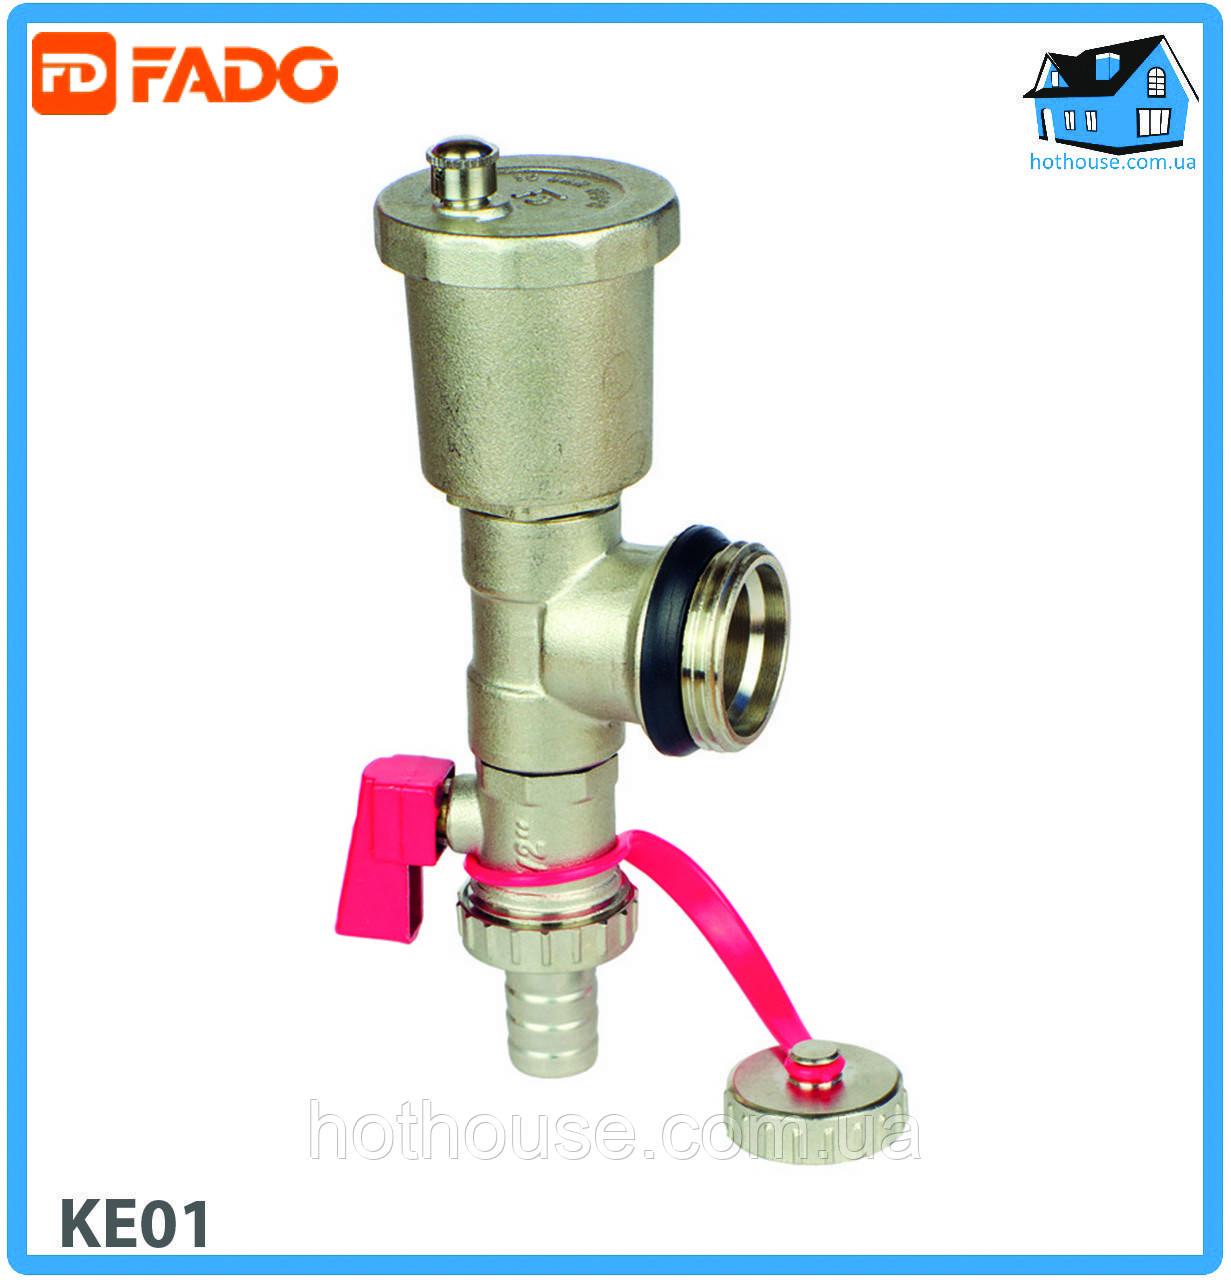 Конечный элемент коллектора FADO KE01 FLOOR